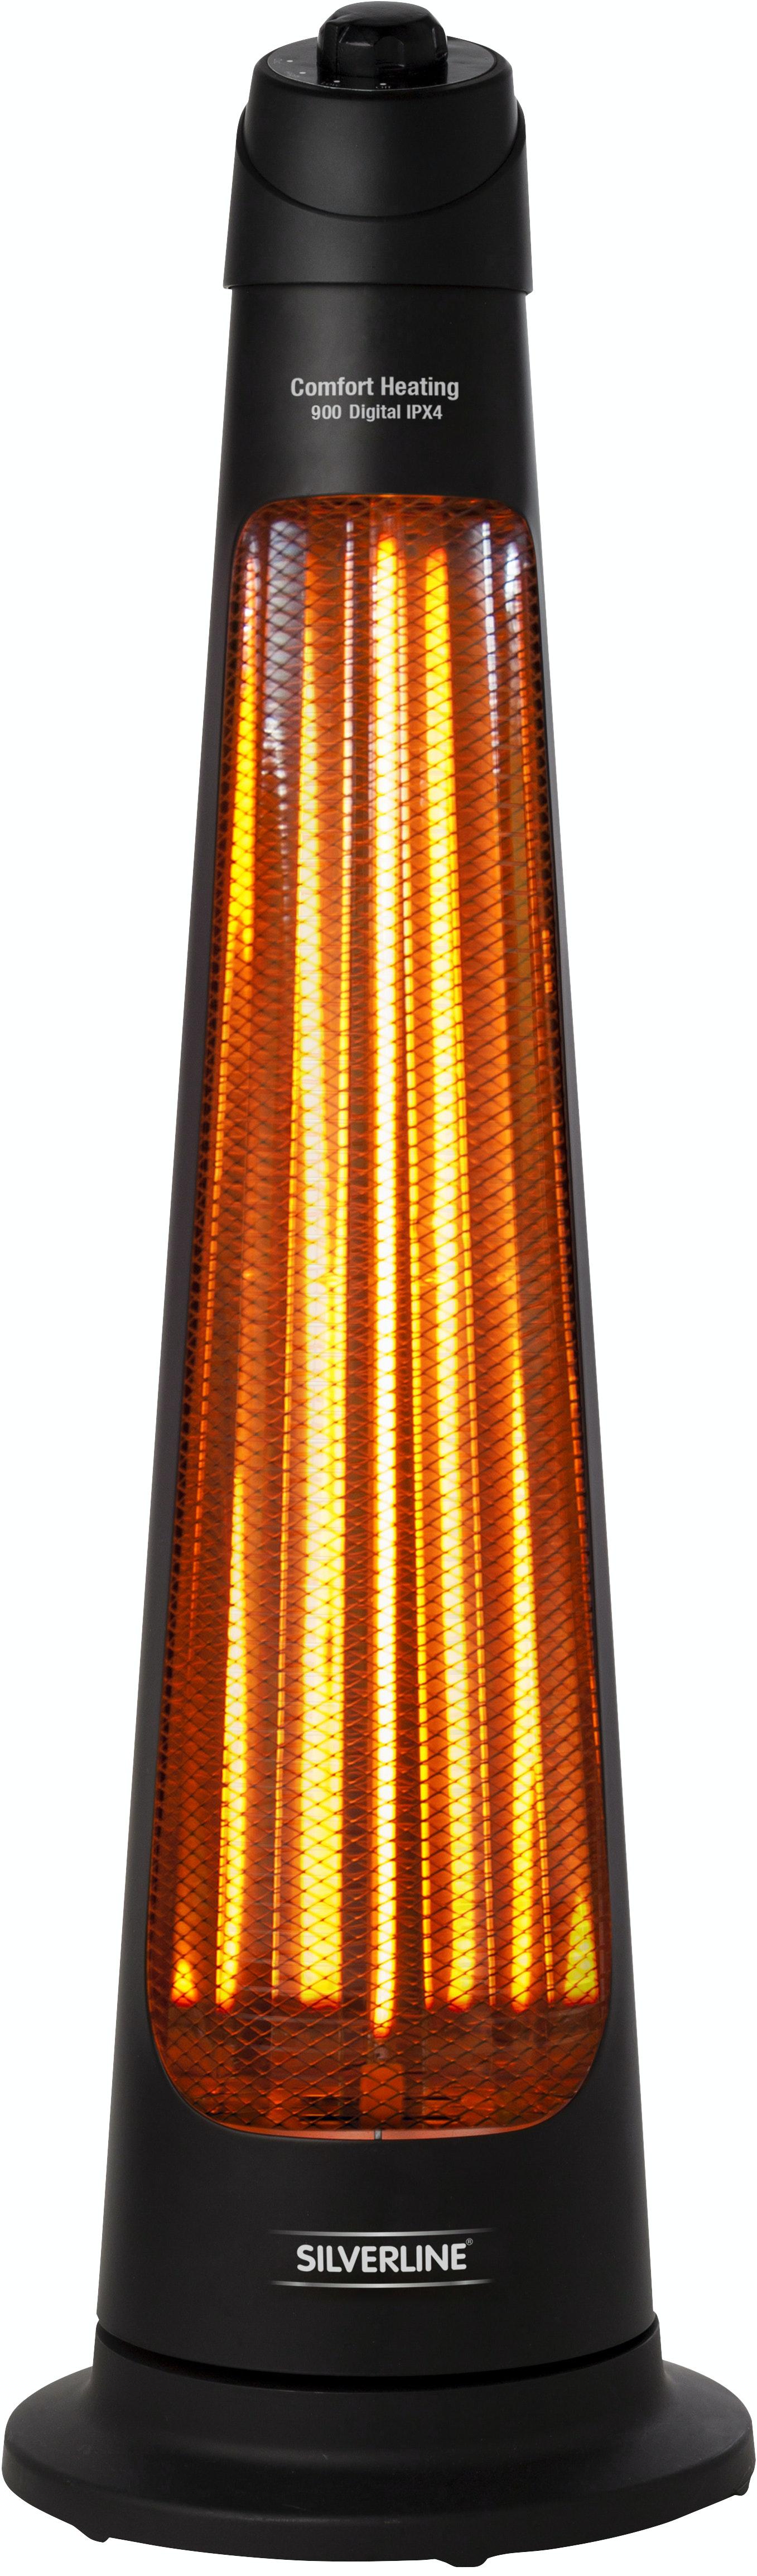 Terrassvärmare Silverline 900 IPX4 Svart 10 m²